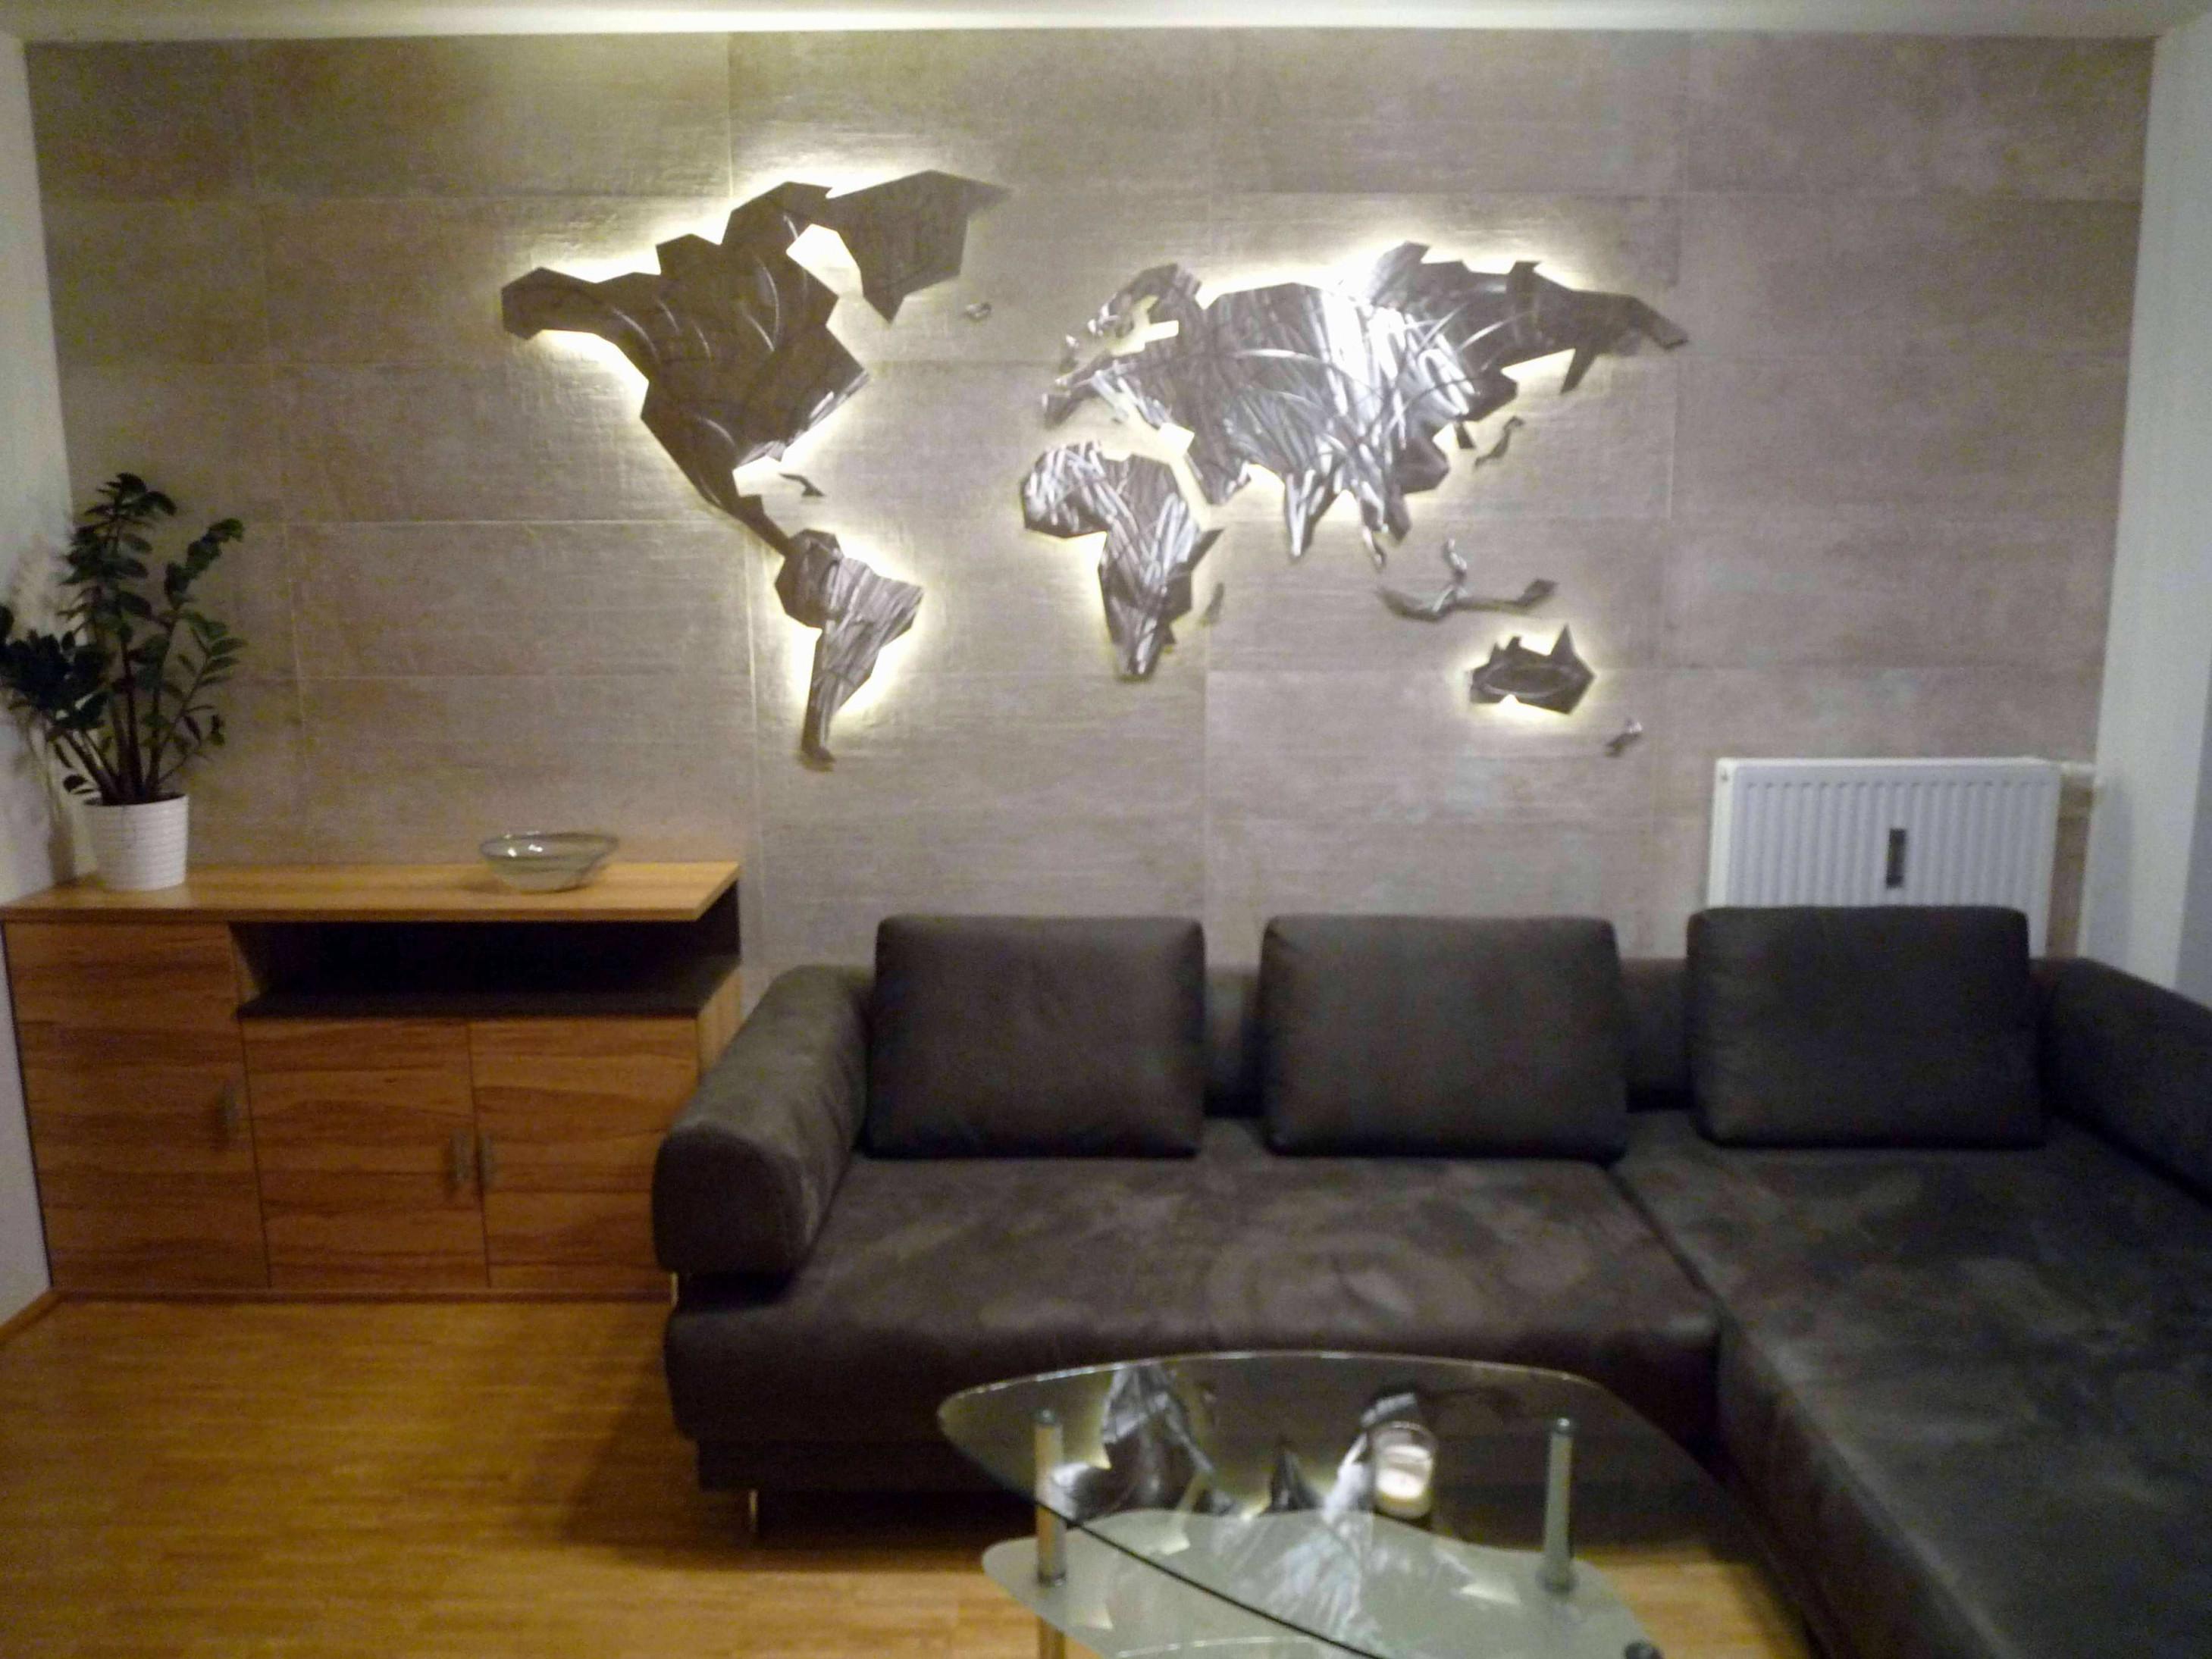 59 Einzigartig Wanddeko Wohnzimmer Metall Das Beste Von von Wanddeko Wohnzimmer Bilder Photo